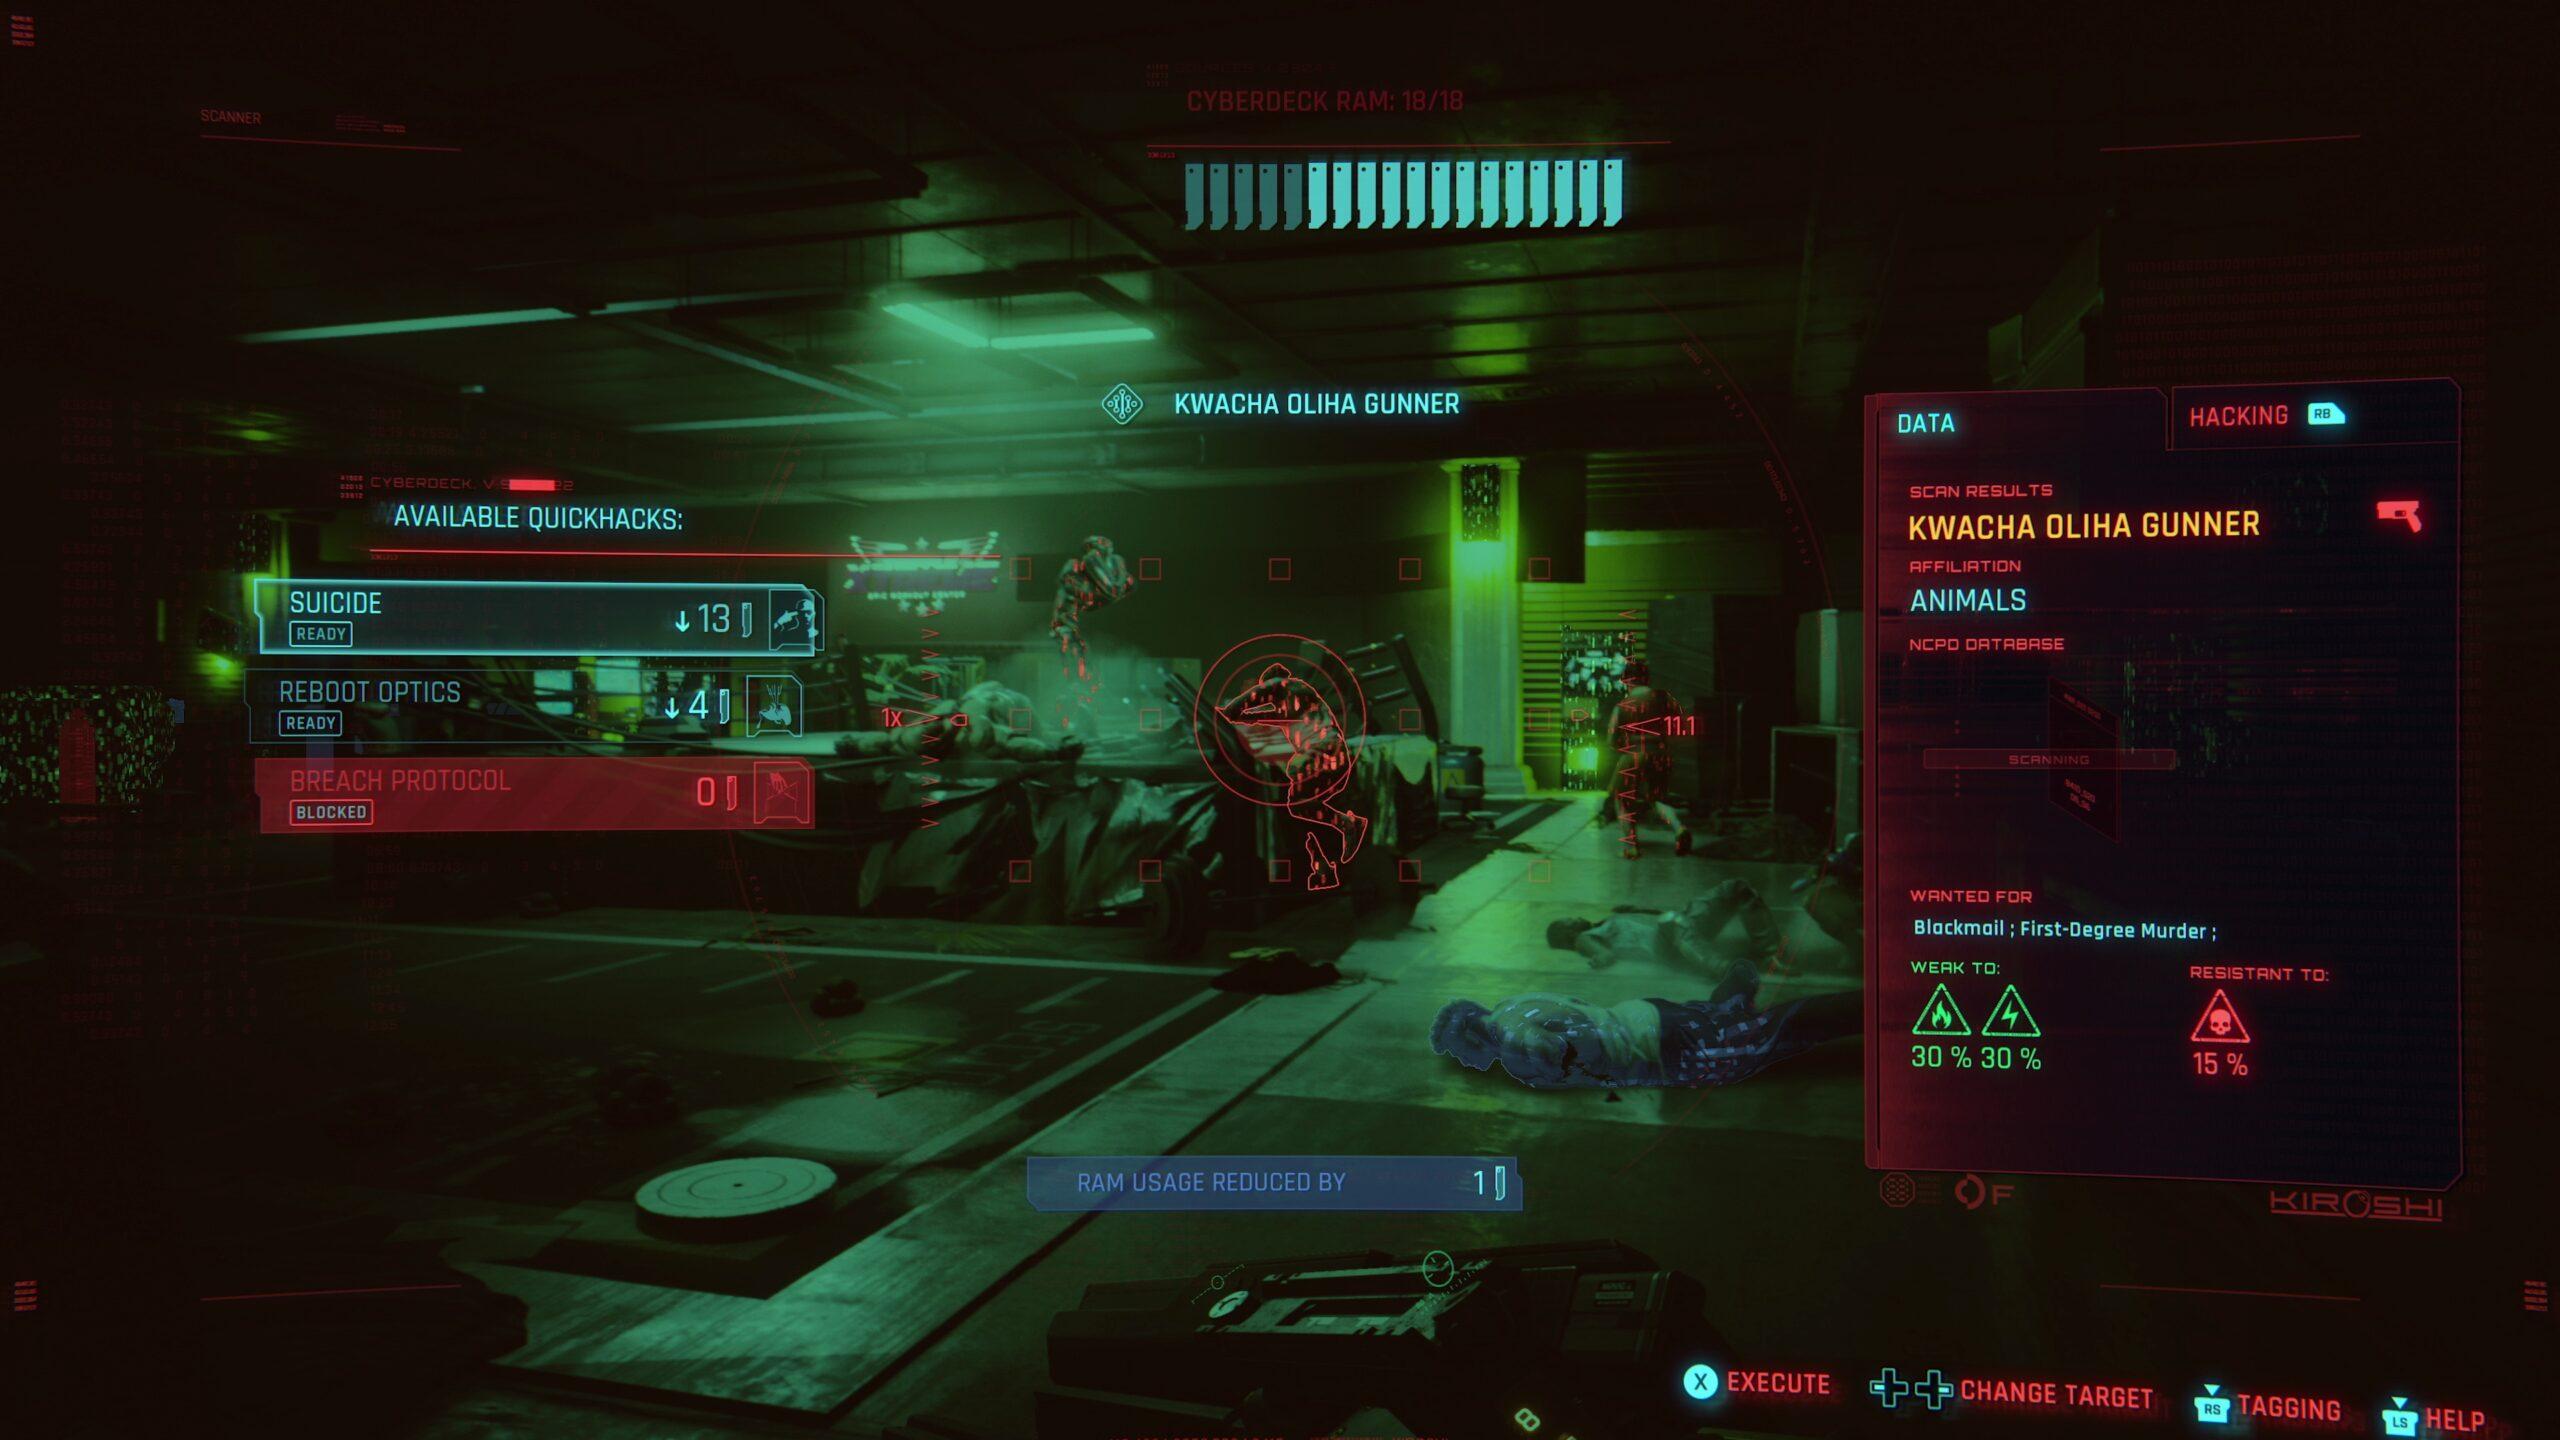 Критические сбои, озвучение, оптимизация: далеко не все покупатели Cyberpunk 2077 в Steam довольны игрой